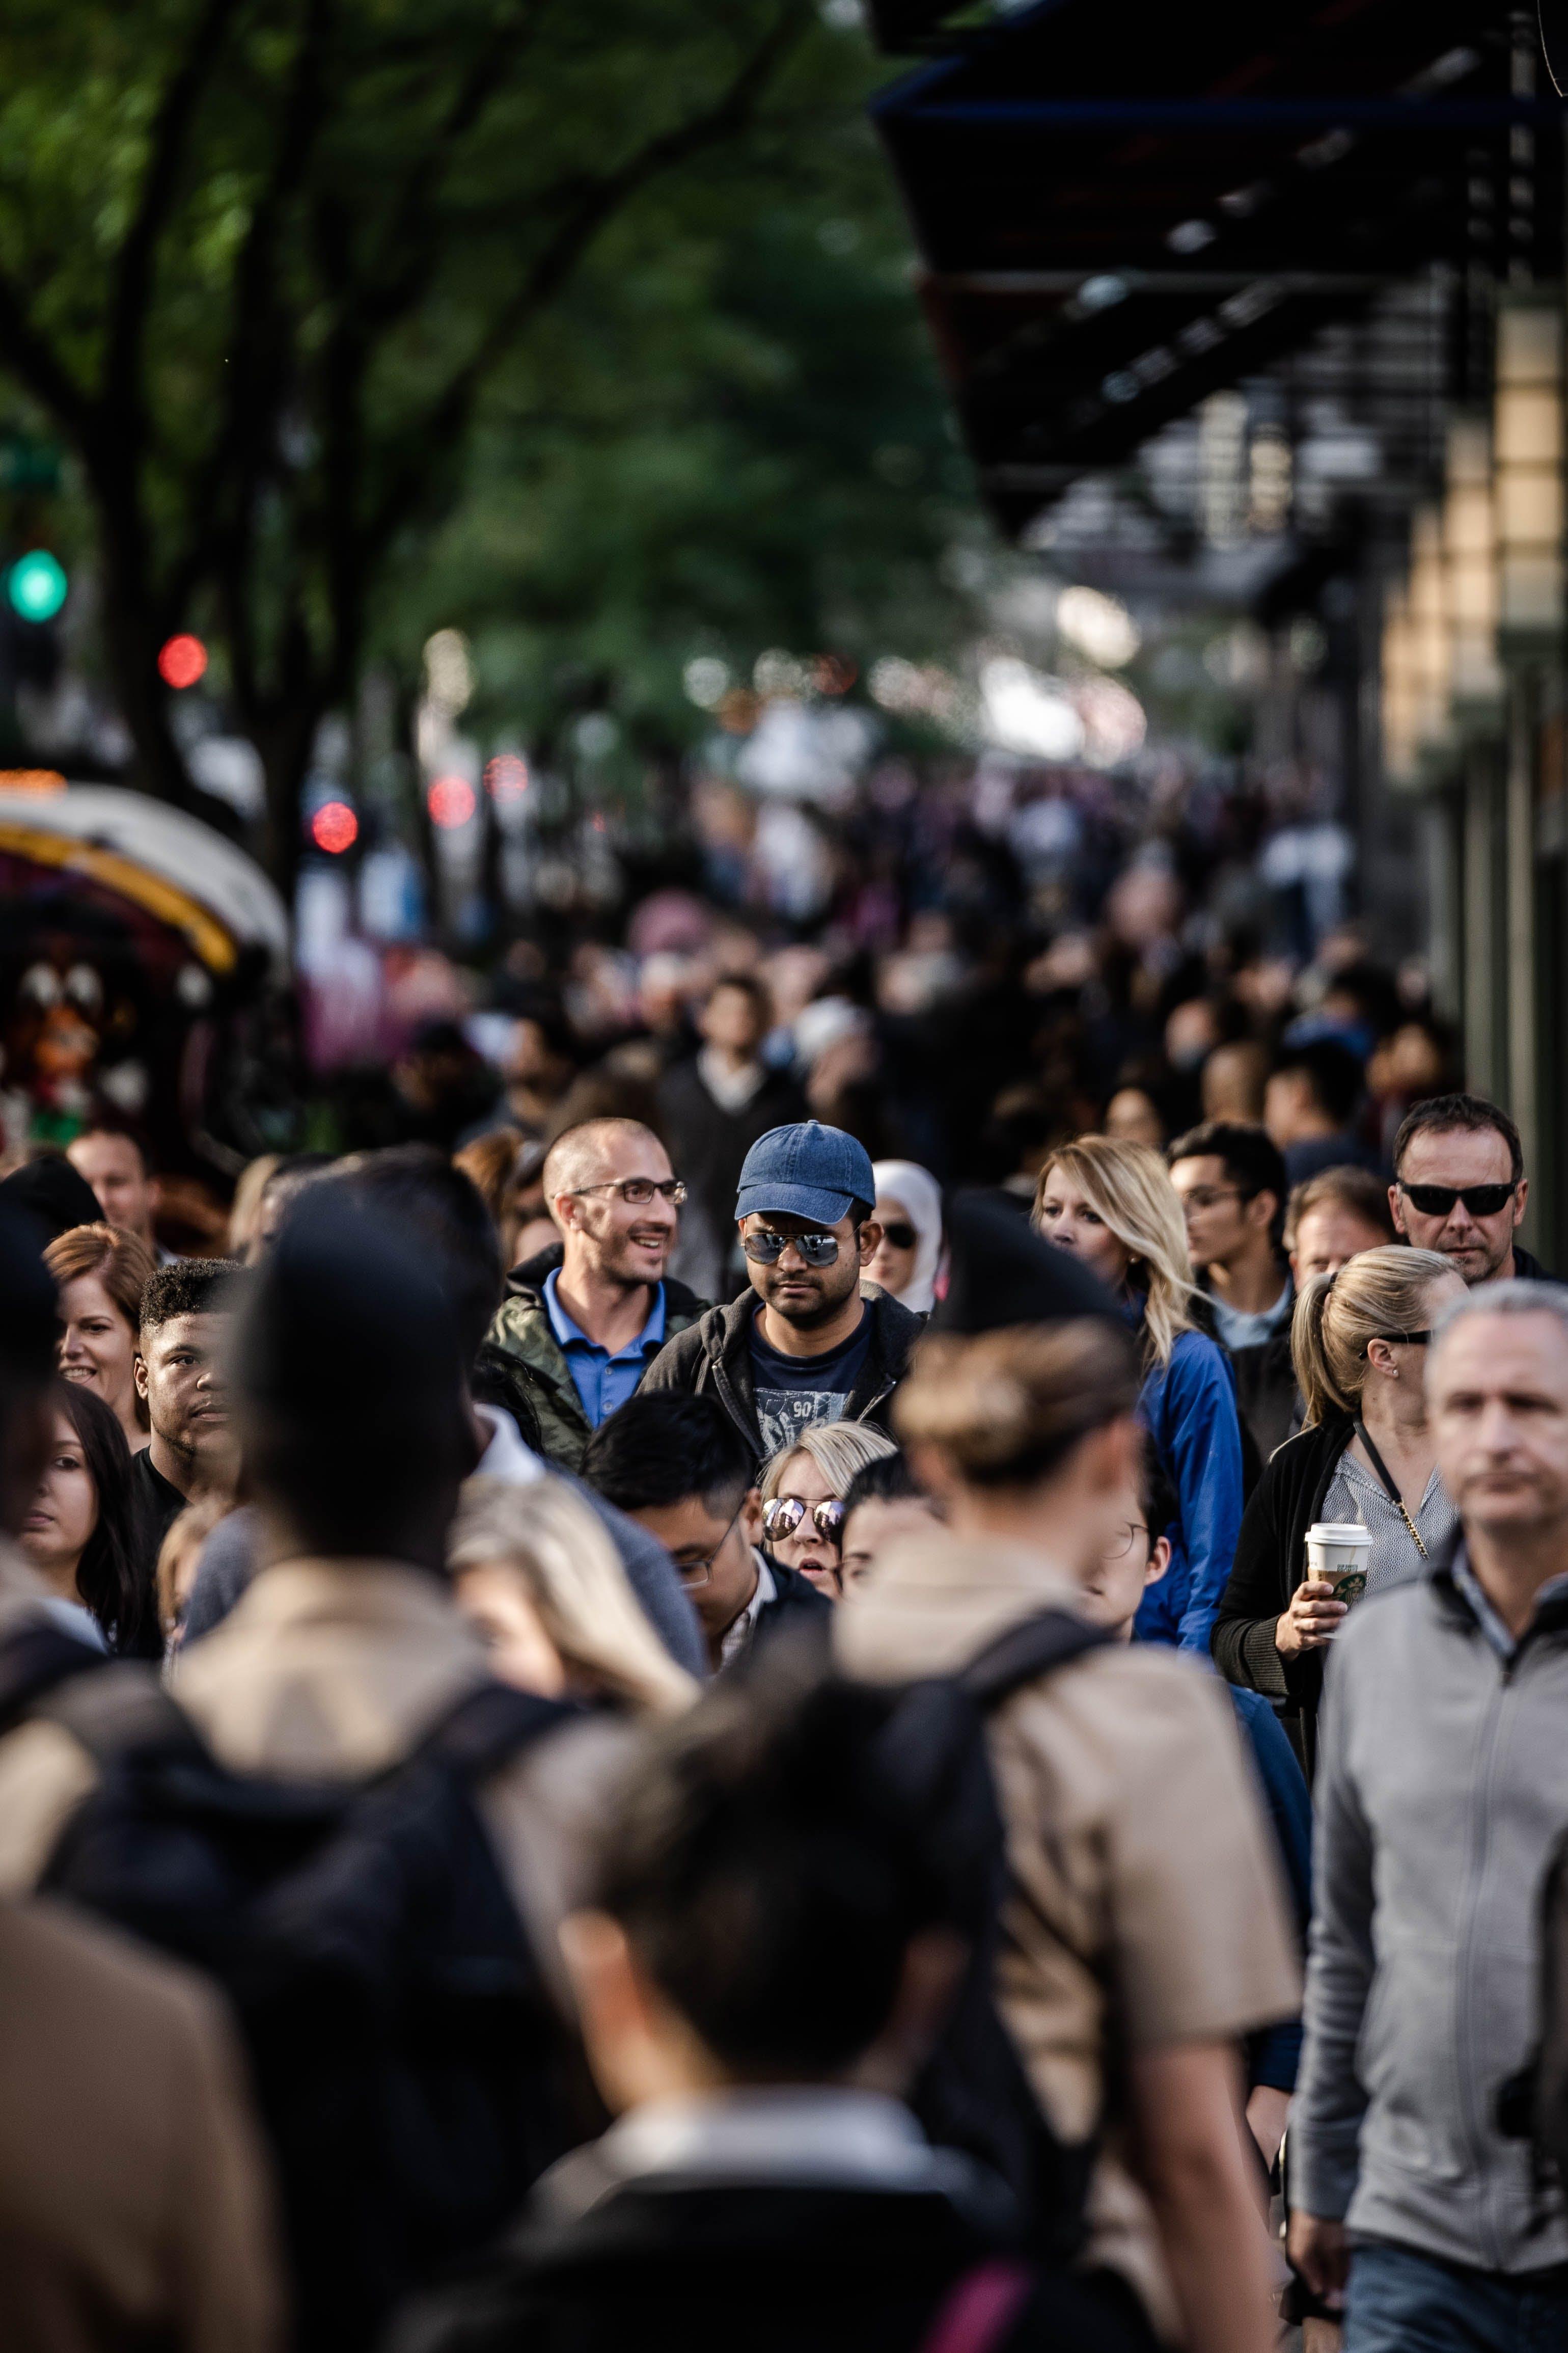 Kostnadsfri bild av folkmassa, fullt med folk, gående, gata